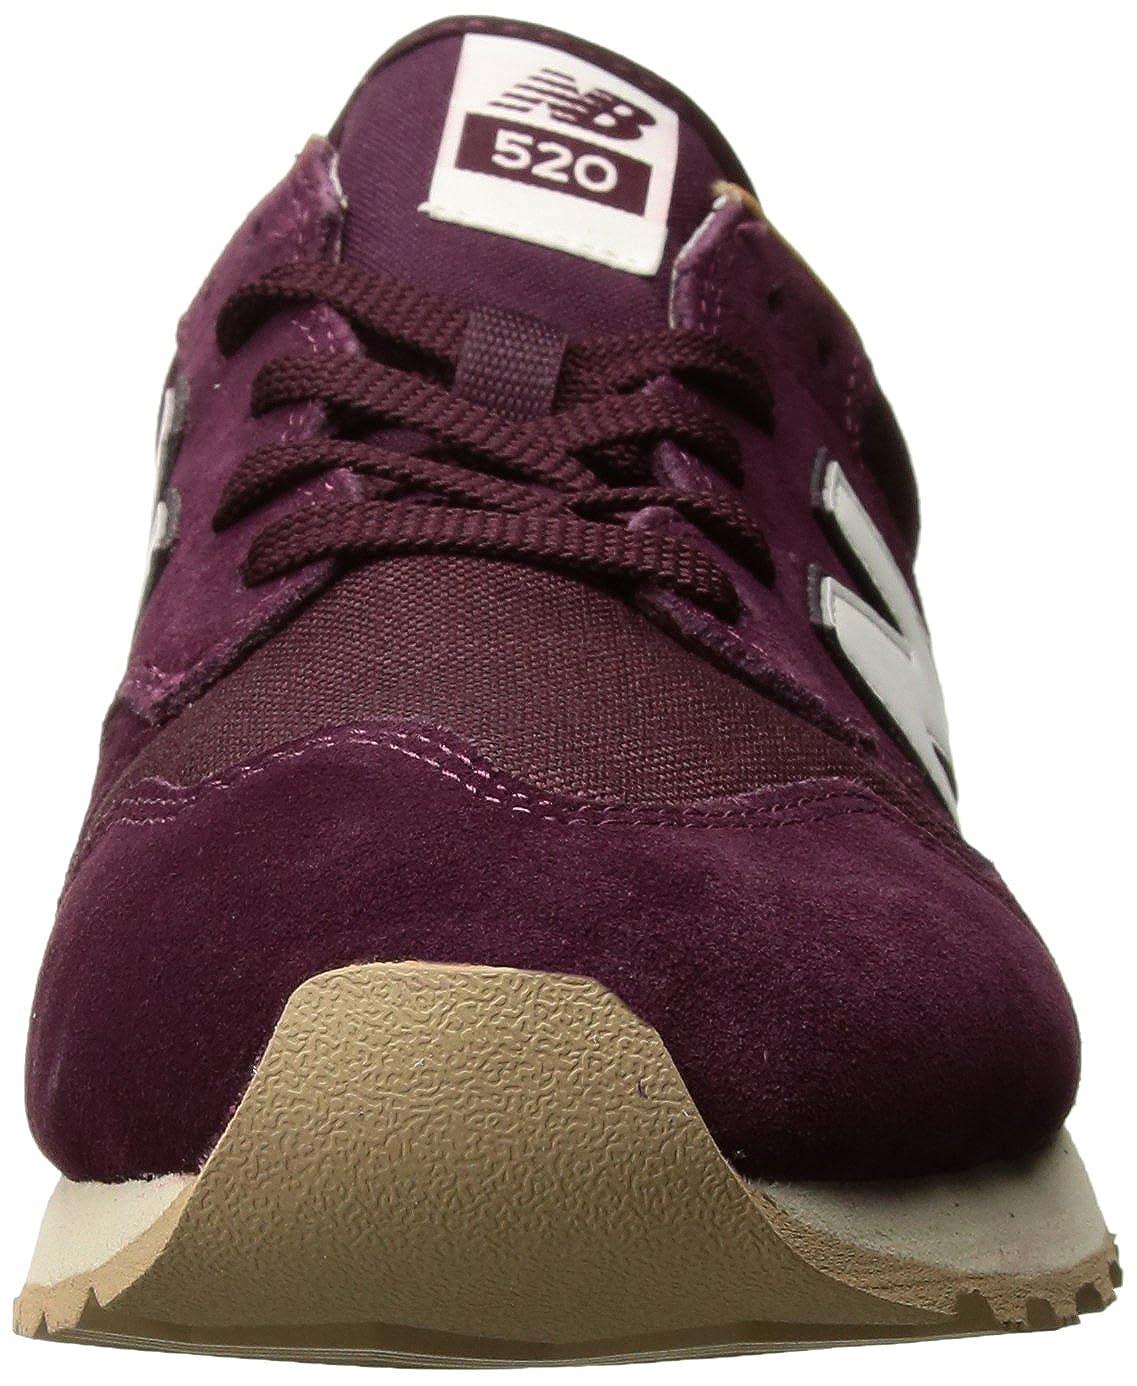 Donna   Uomo Uomo Uomo New Balance 520, scarpe da ginnastica Uomo durevole Prestazioni affidabili Caramello, gentile | Prezzo Moderato  e06701